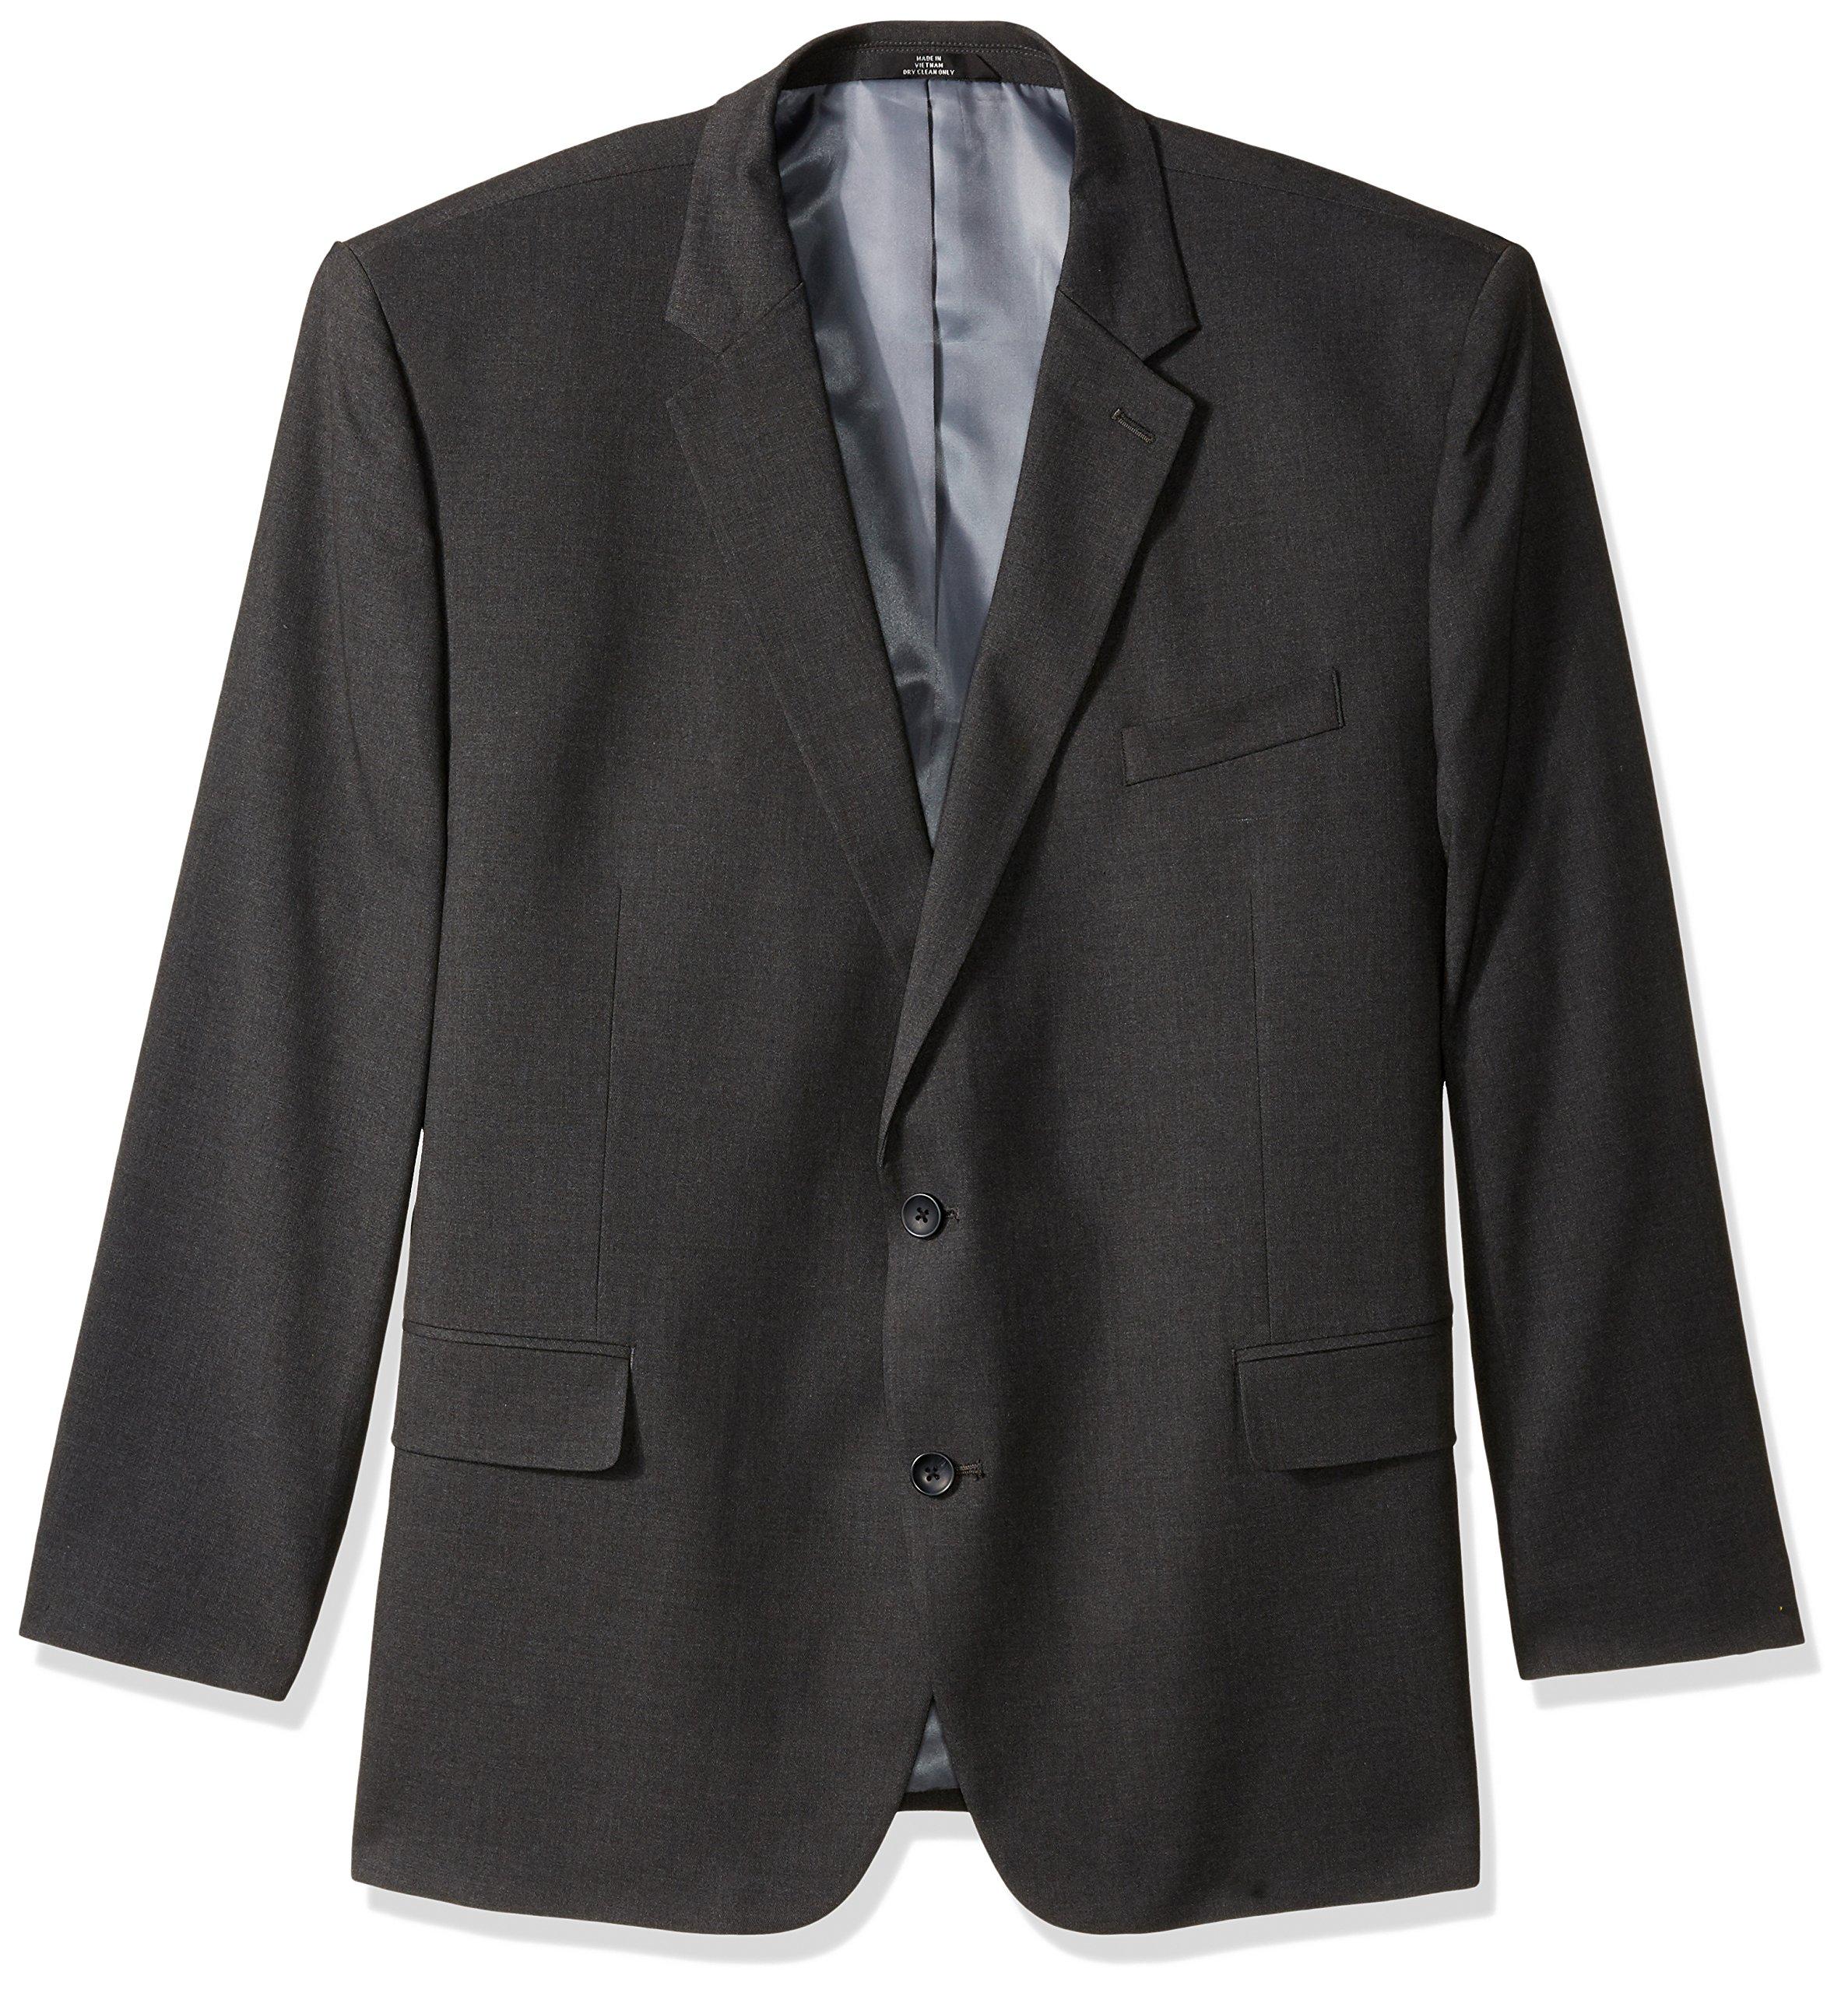 Haggar Men's Big and Tall B&t J.m Premium Stretch Classic Fit 2-Button Coat, Dark Heather Grey, 60R